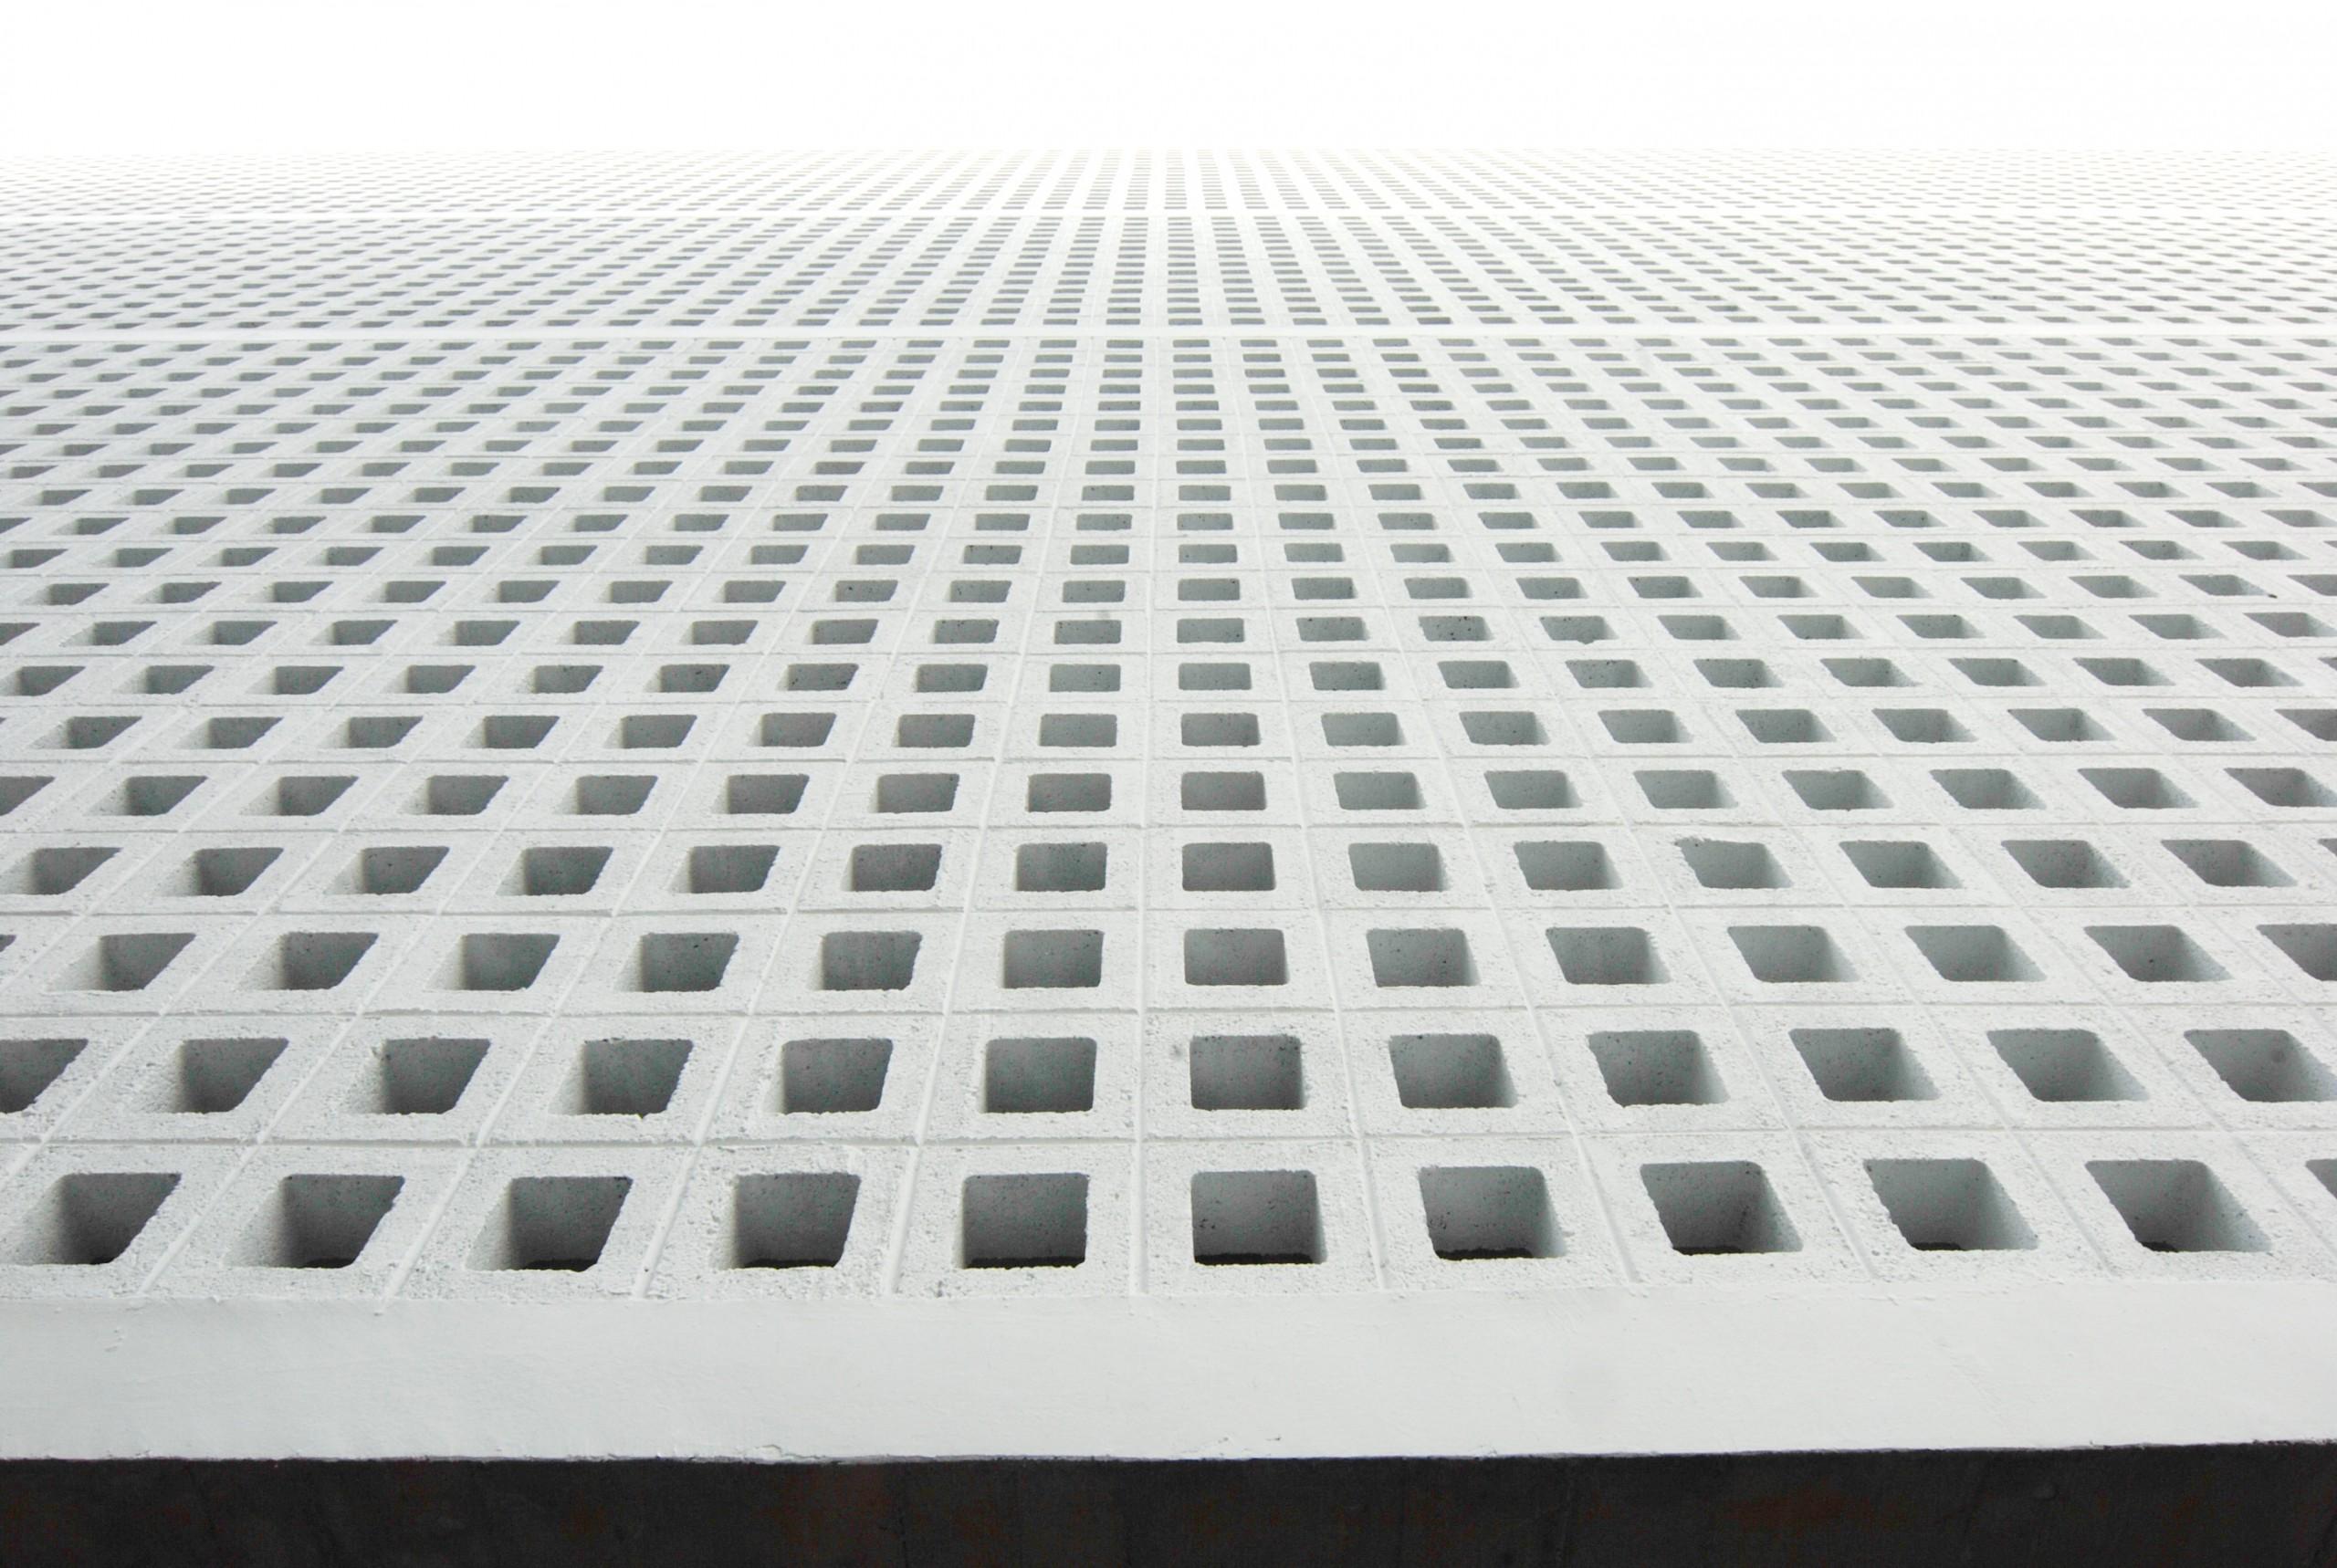 德築-DEZU-project-Zutian-architecture-real-estate-engineering-8